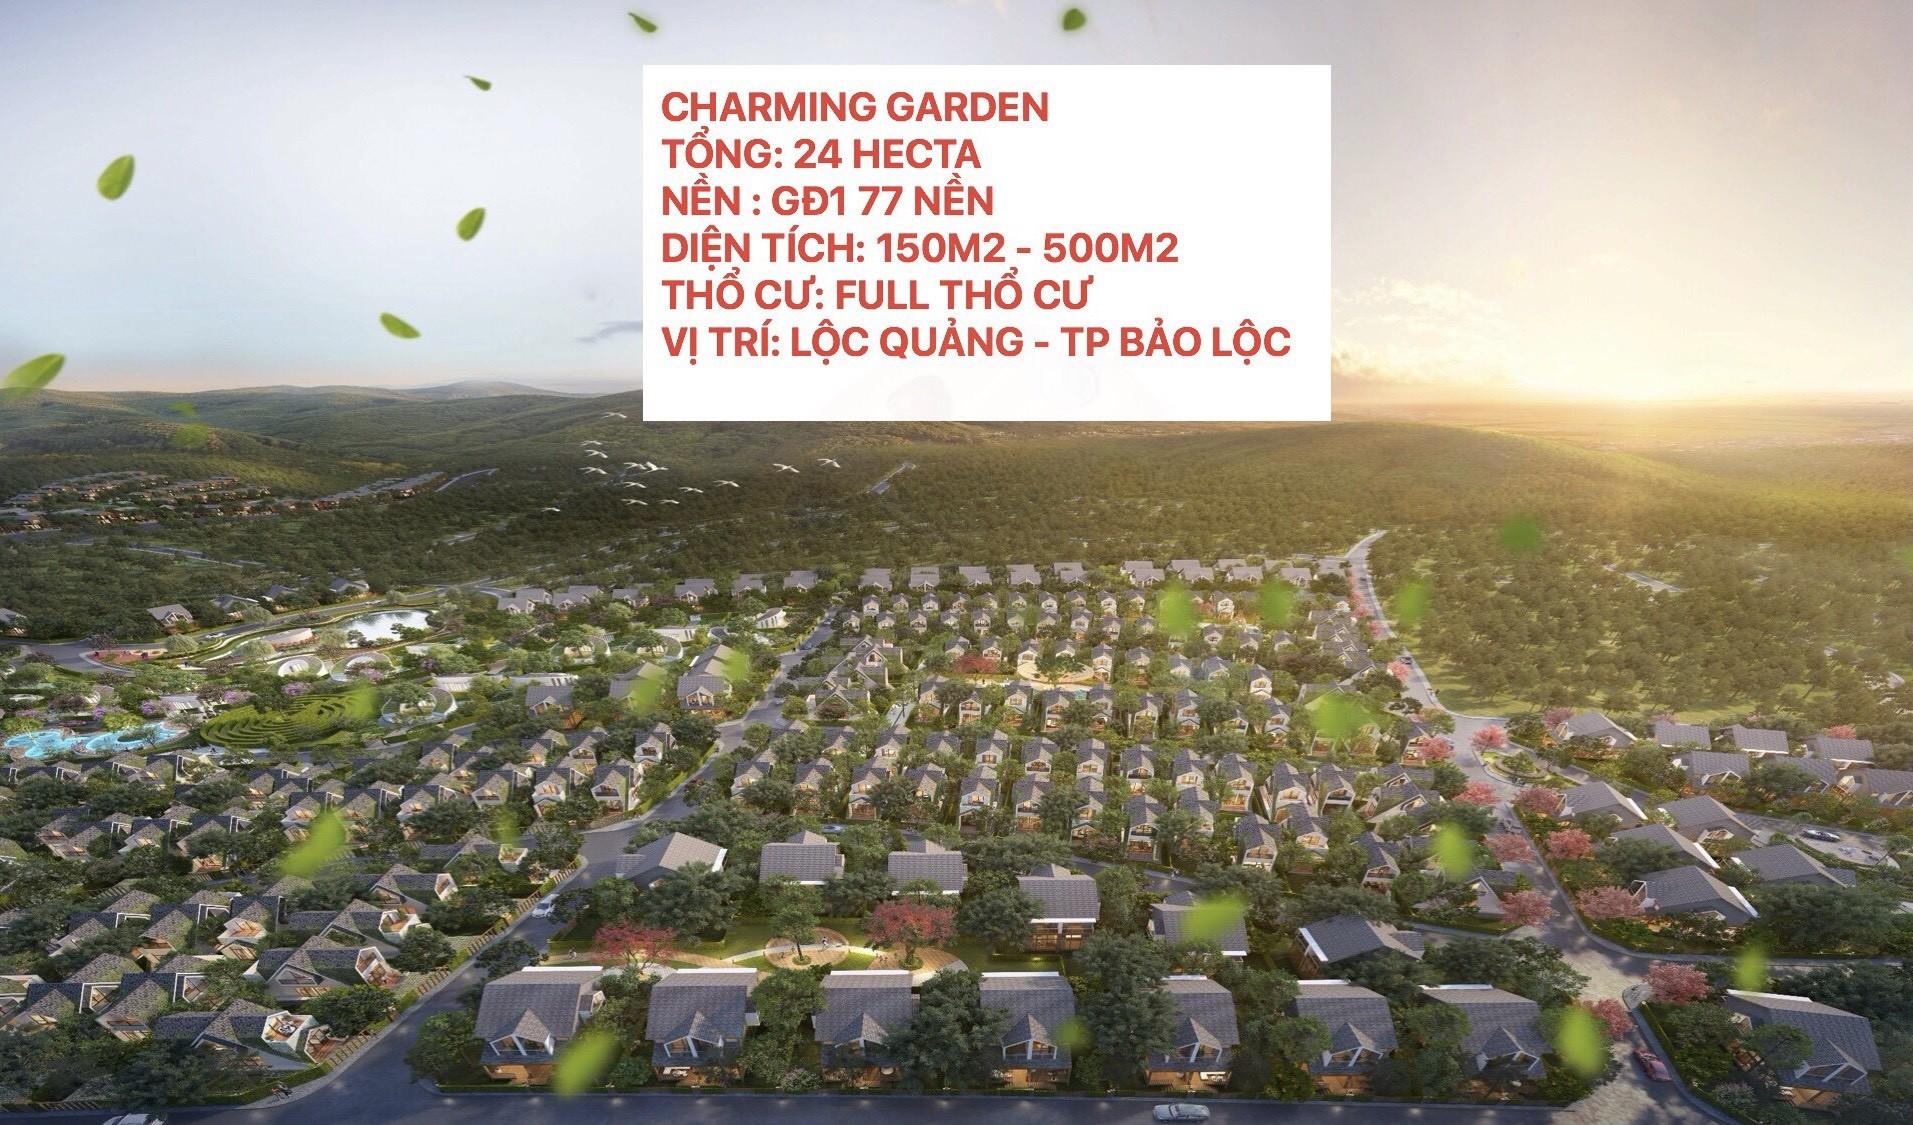 Đất nền sổ đỏ Bảo Lộc – Điểm đến mới của nhà đầu tư bất động sản